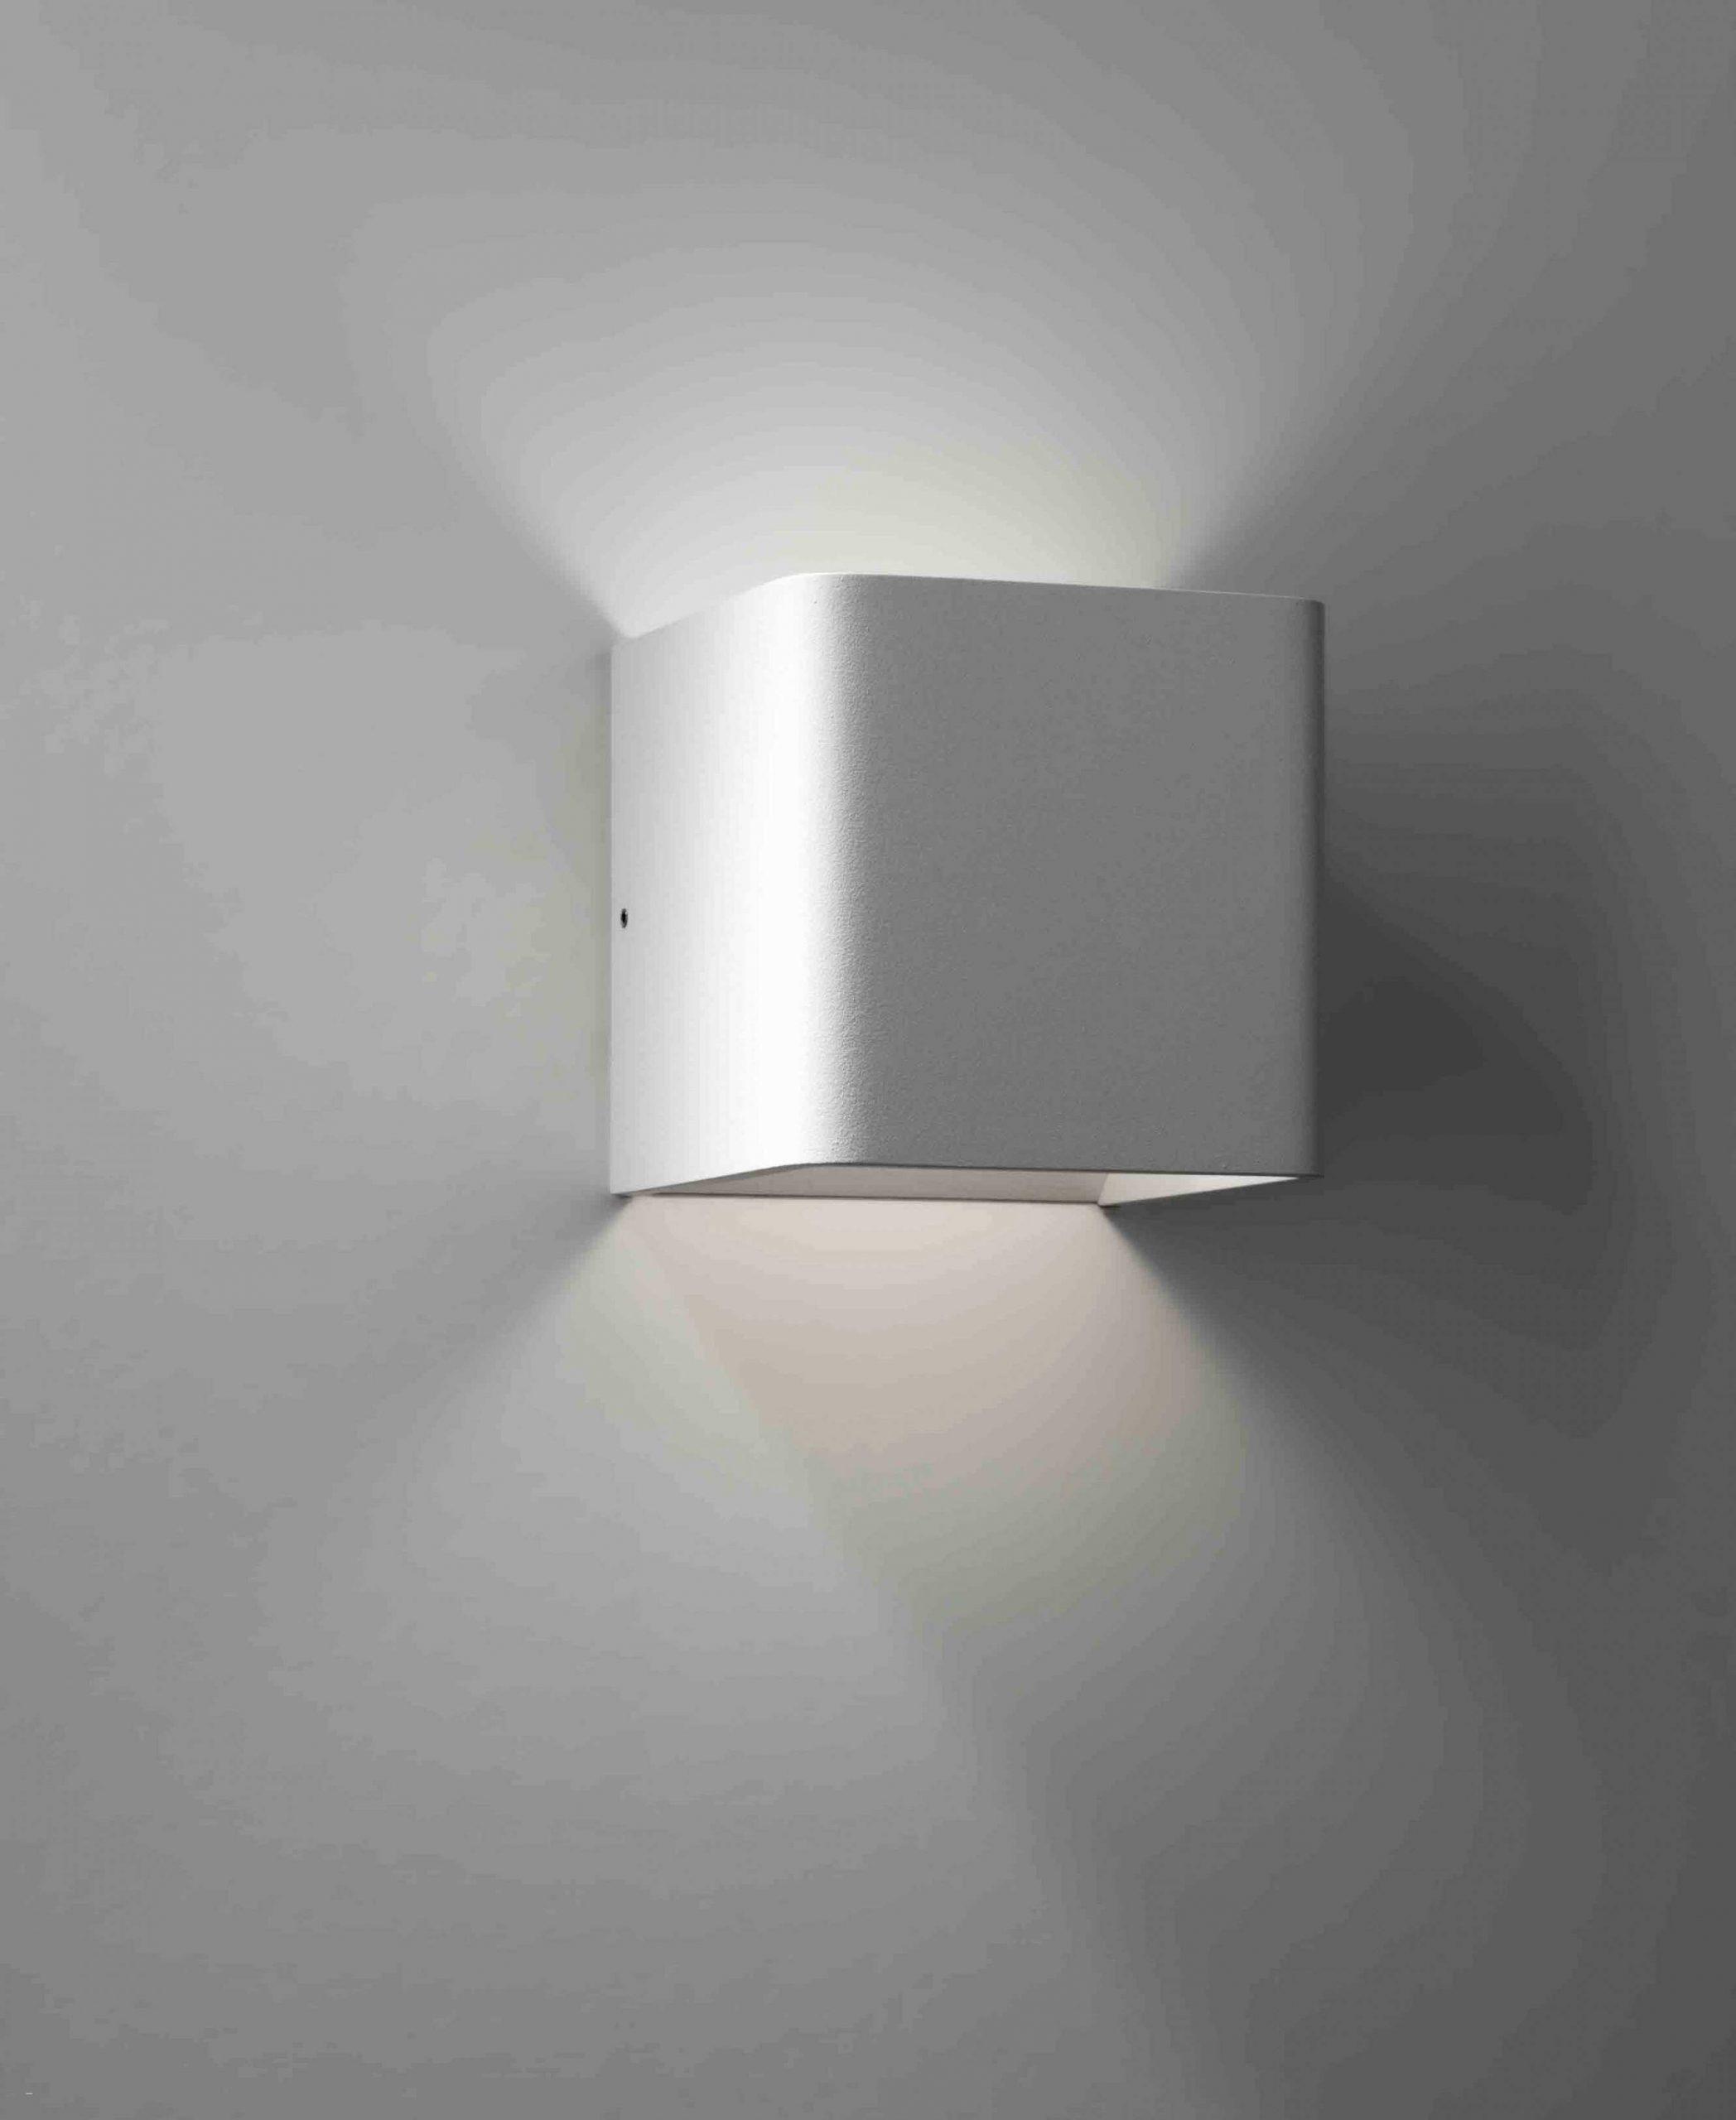 Full Size of Xyzs Wandlampe Kreative Neue Chinesische Wand Lampe Einfache Schlafzimmer Komplettangebote Rauch Wandtattoo Landhaus Landhausstil Regal Betten Massivholz Schlafzimmer Schlafzimmer Wandlampe